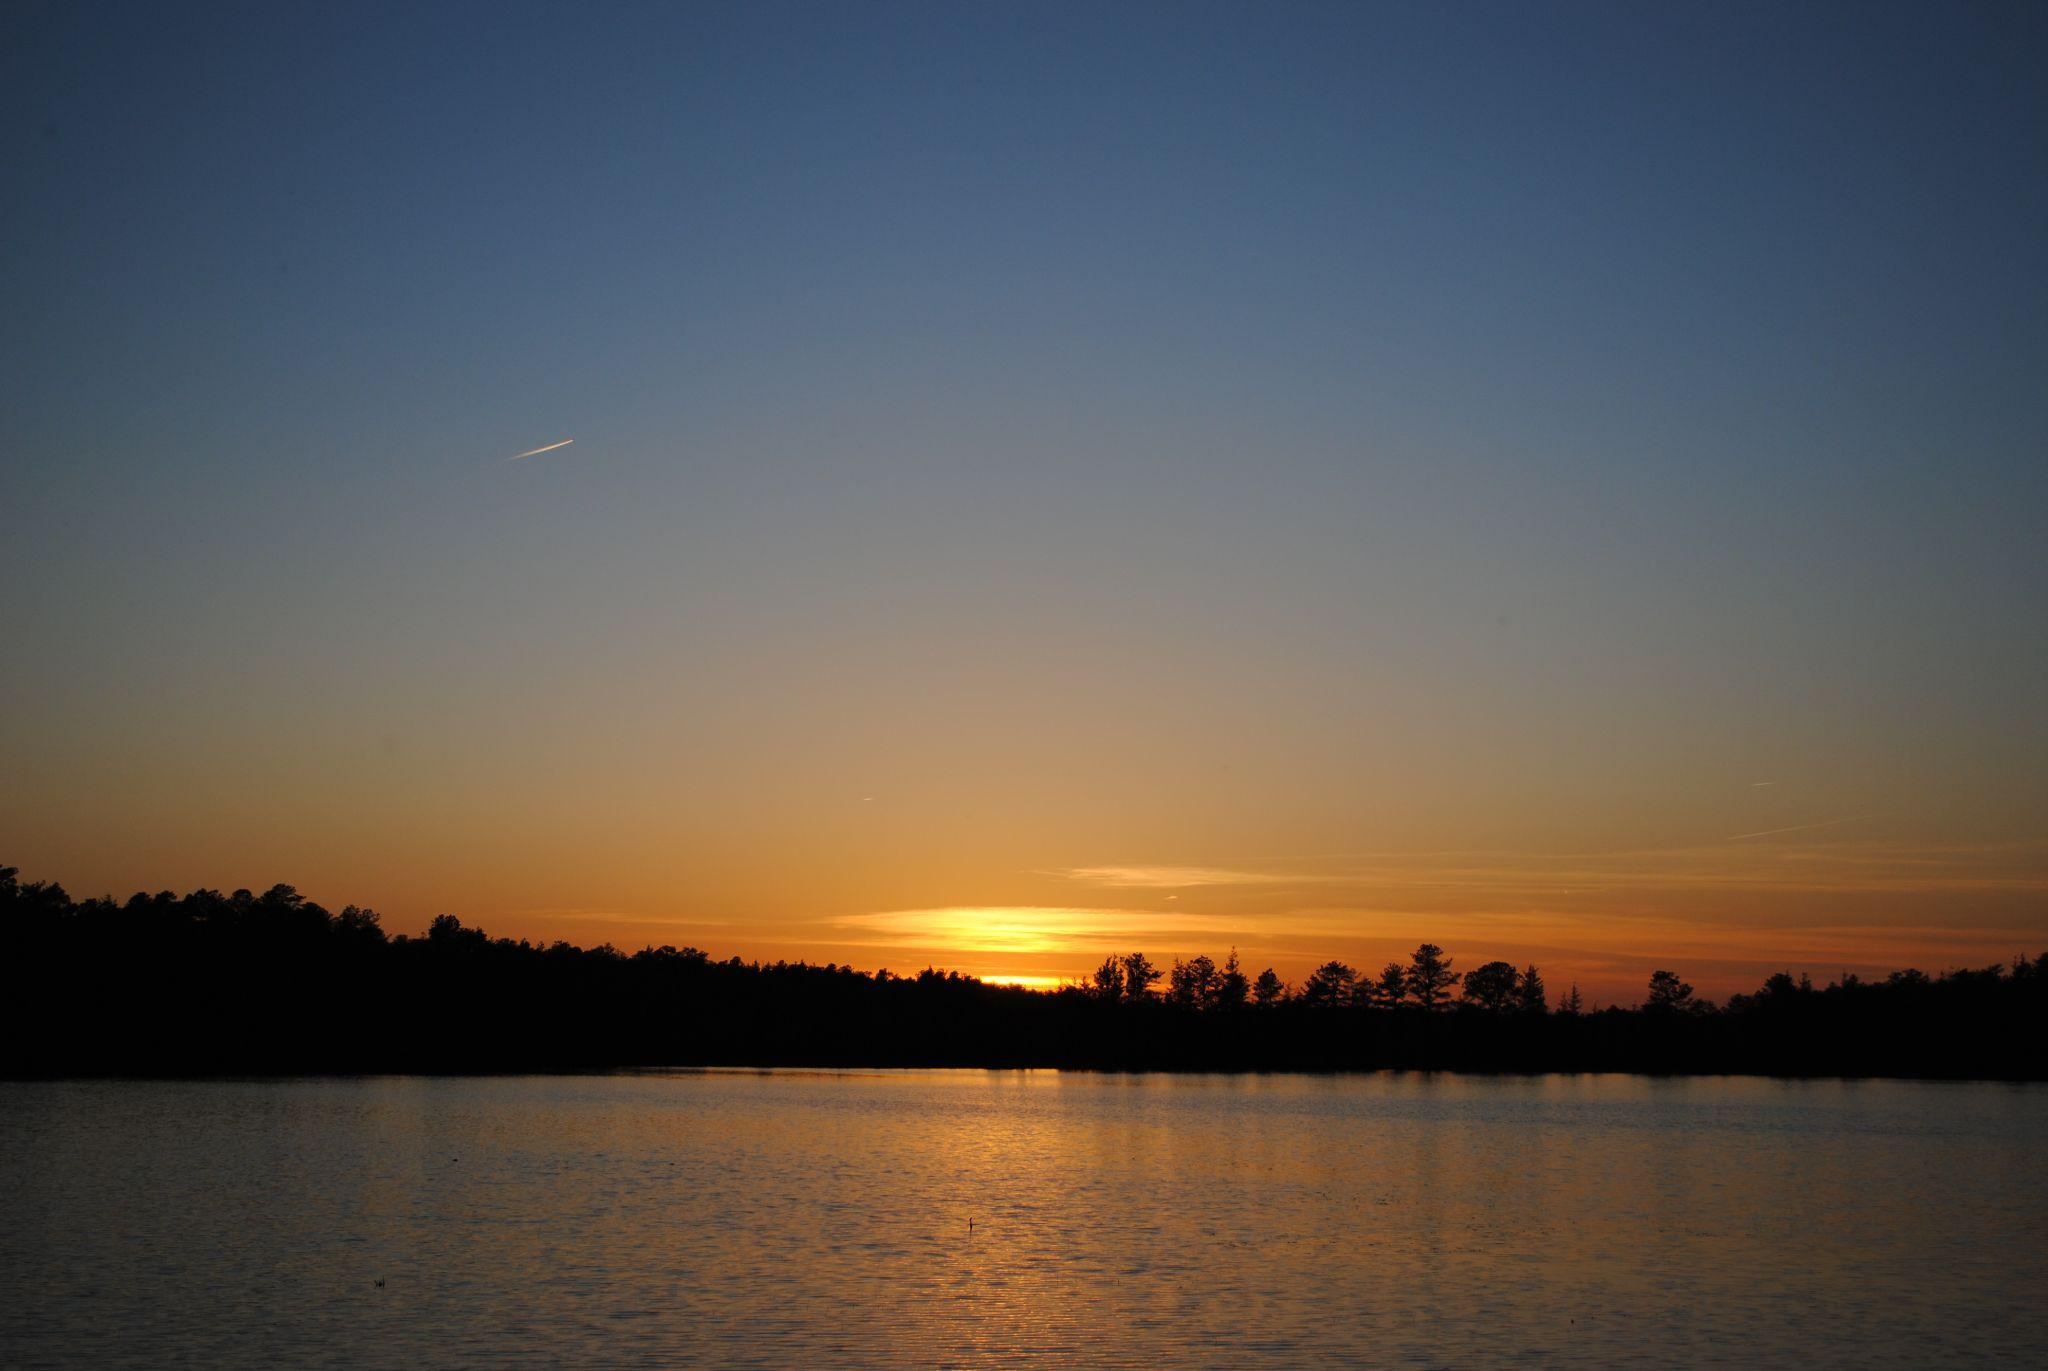 Sun Set at the lake by Desiree N